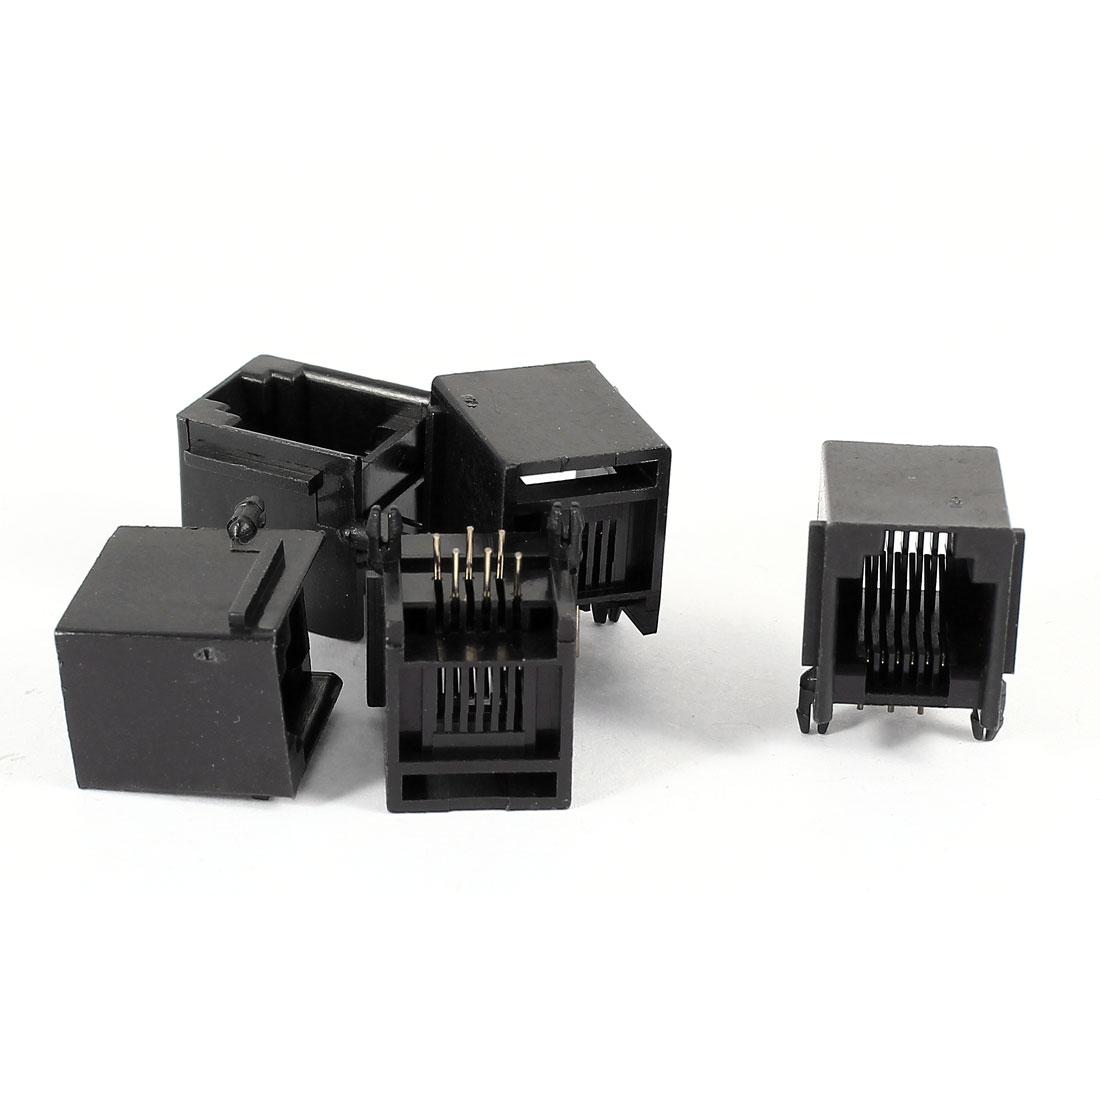 5 Pcs Right Angle PCB Mount 6P6C RJ11 Socket Modular Jack Telephone Connector